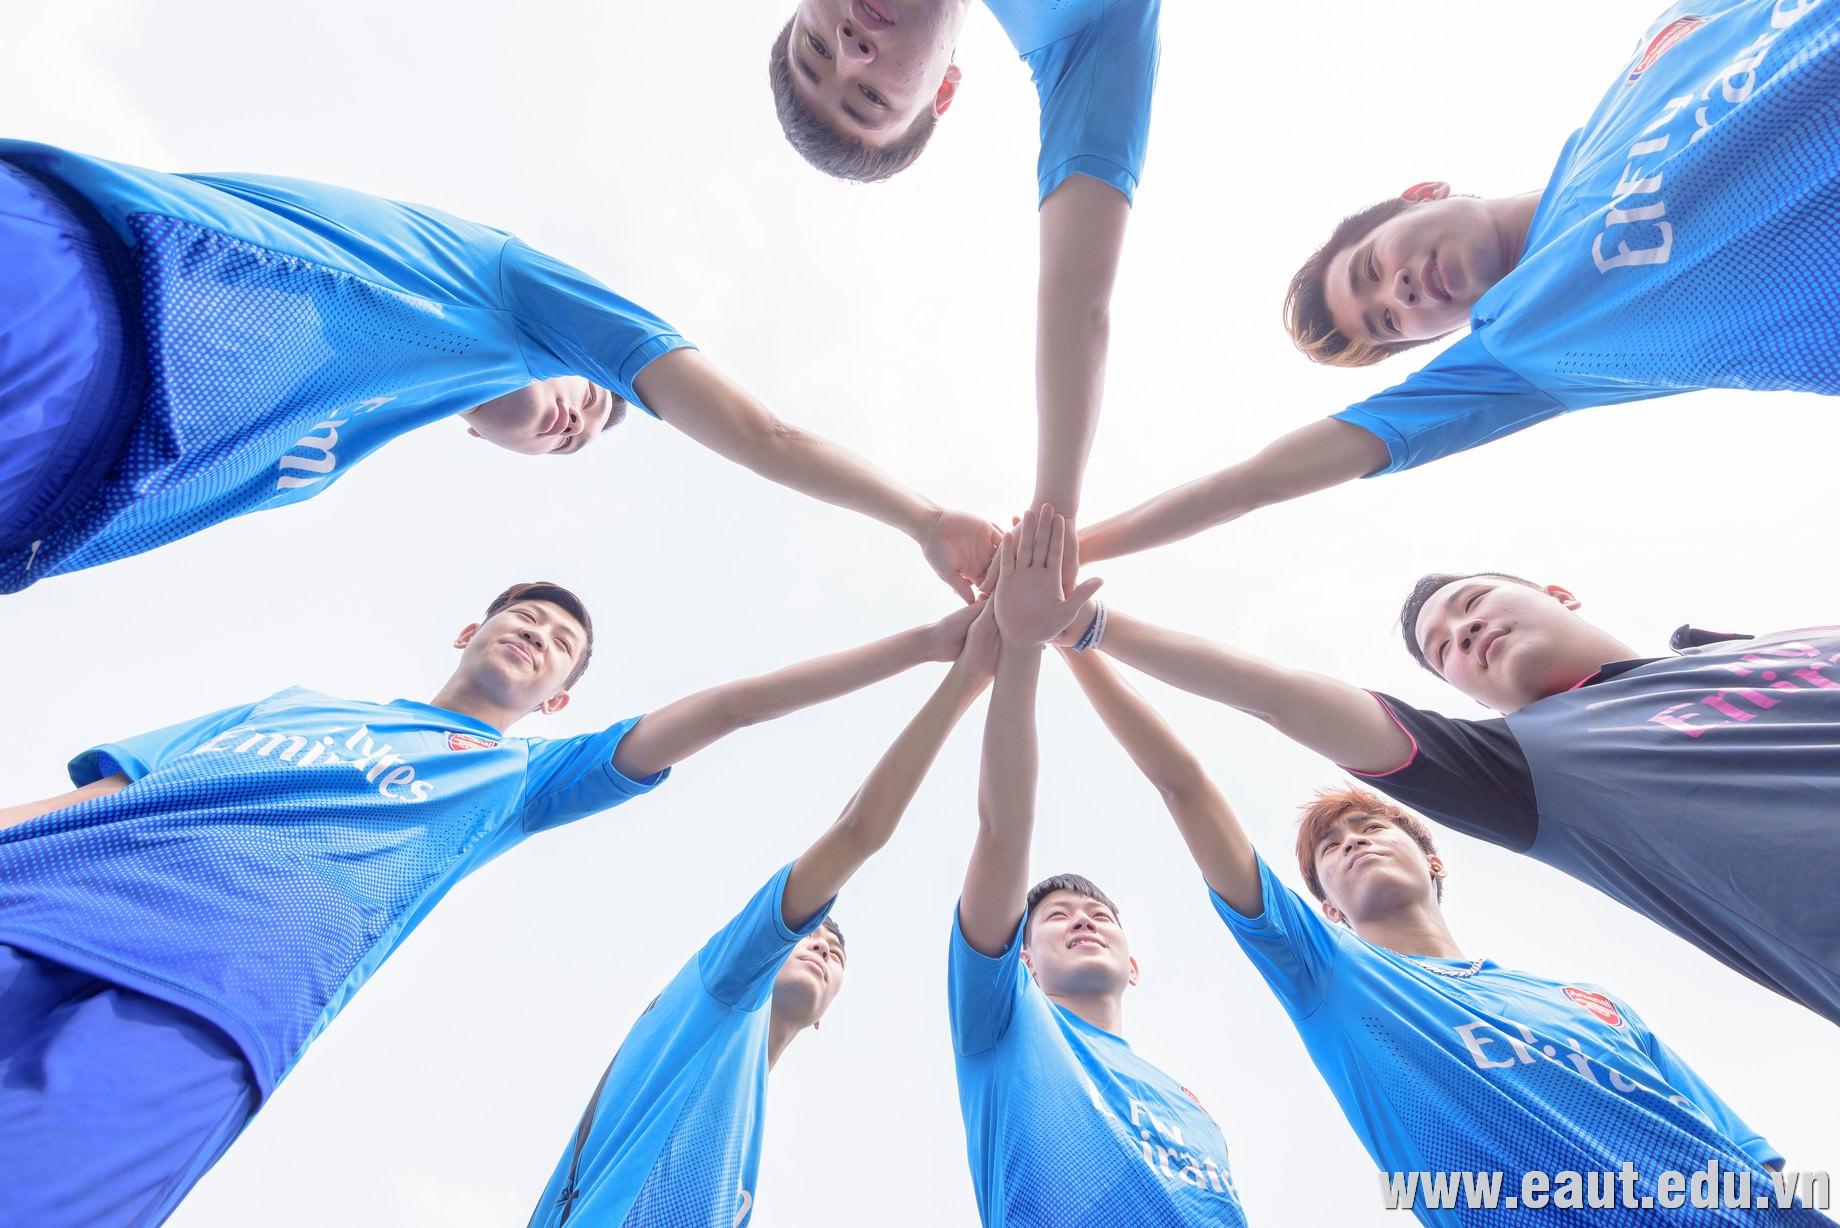 EAUT FOOTBALL CLUB nơi tụ hội của những thành viên đam mê bóng đá.